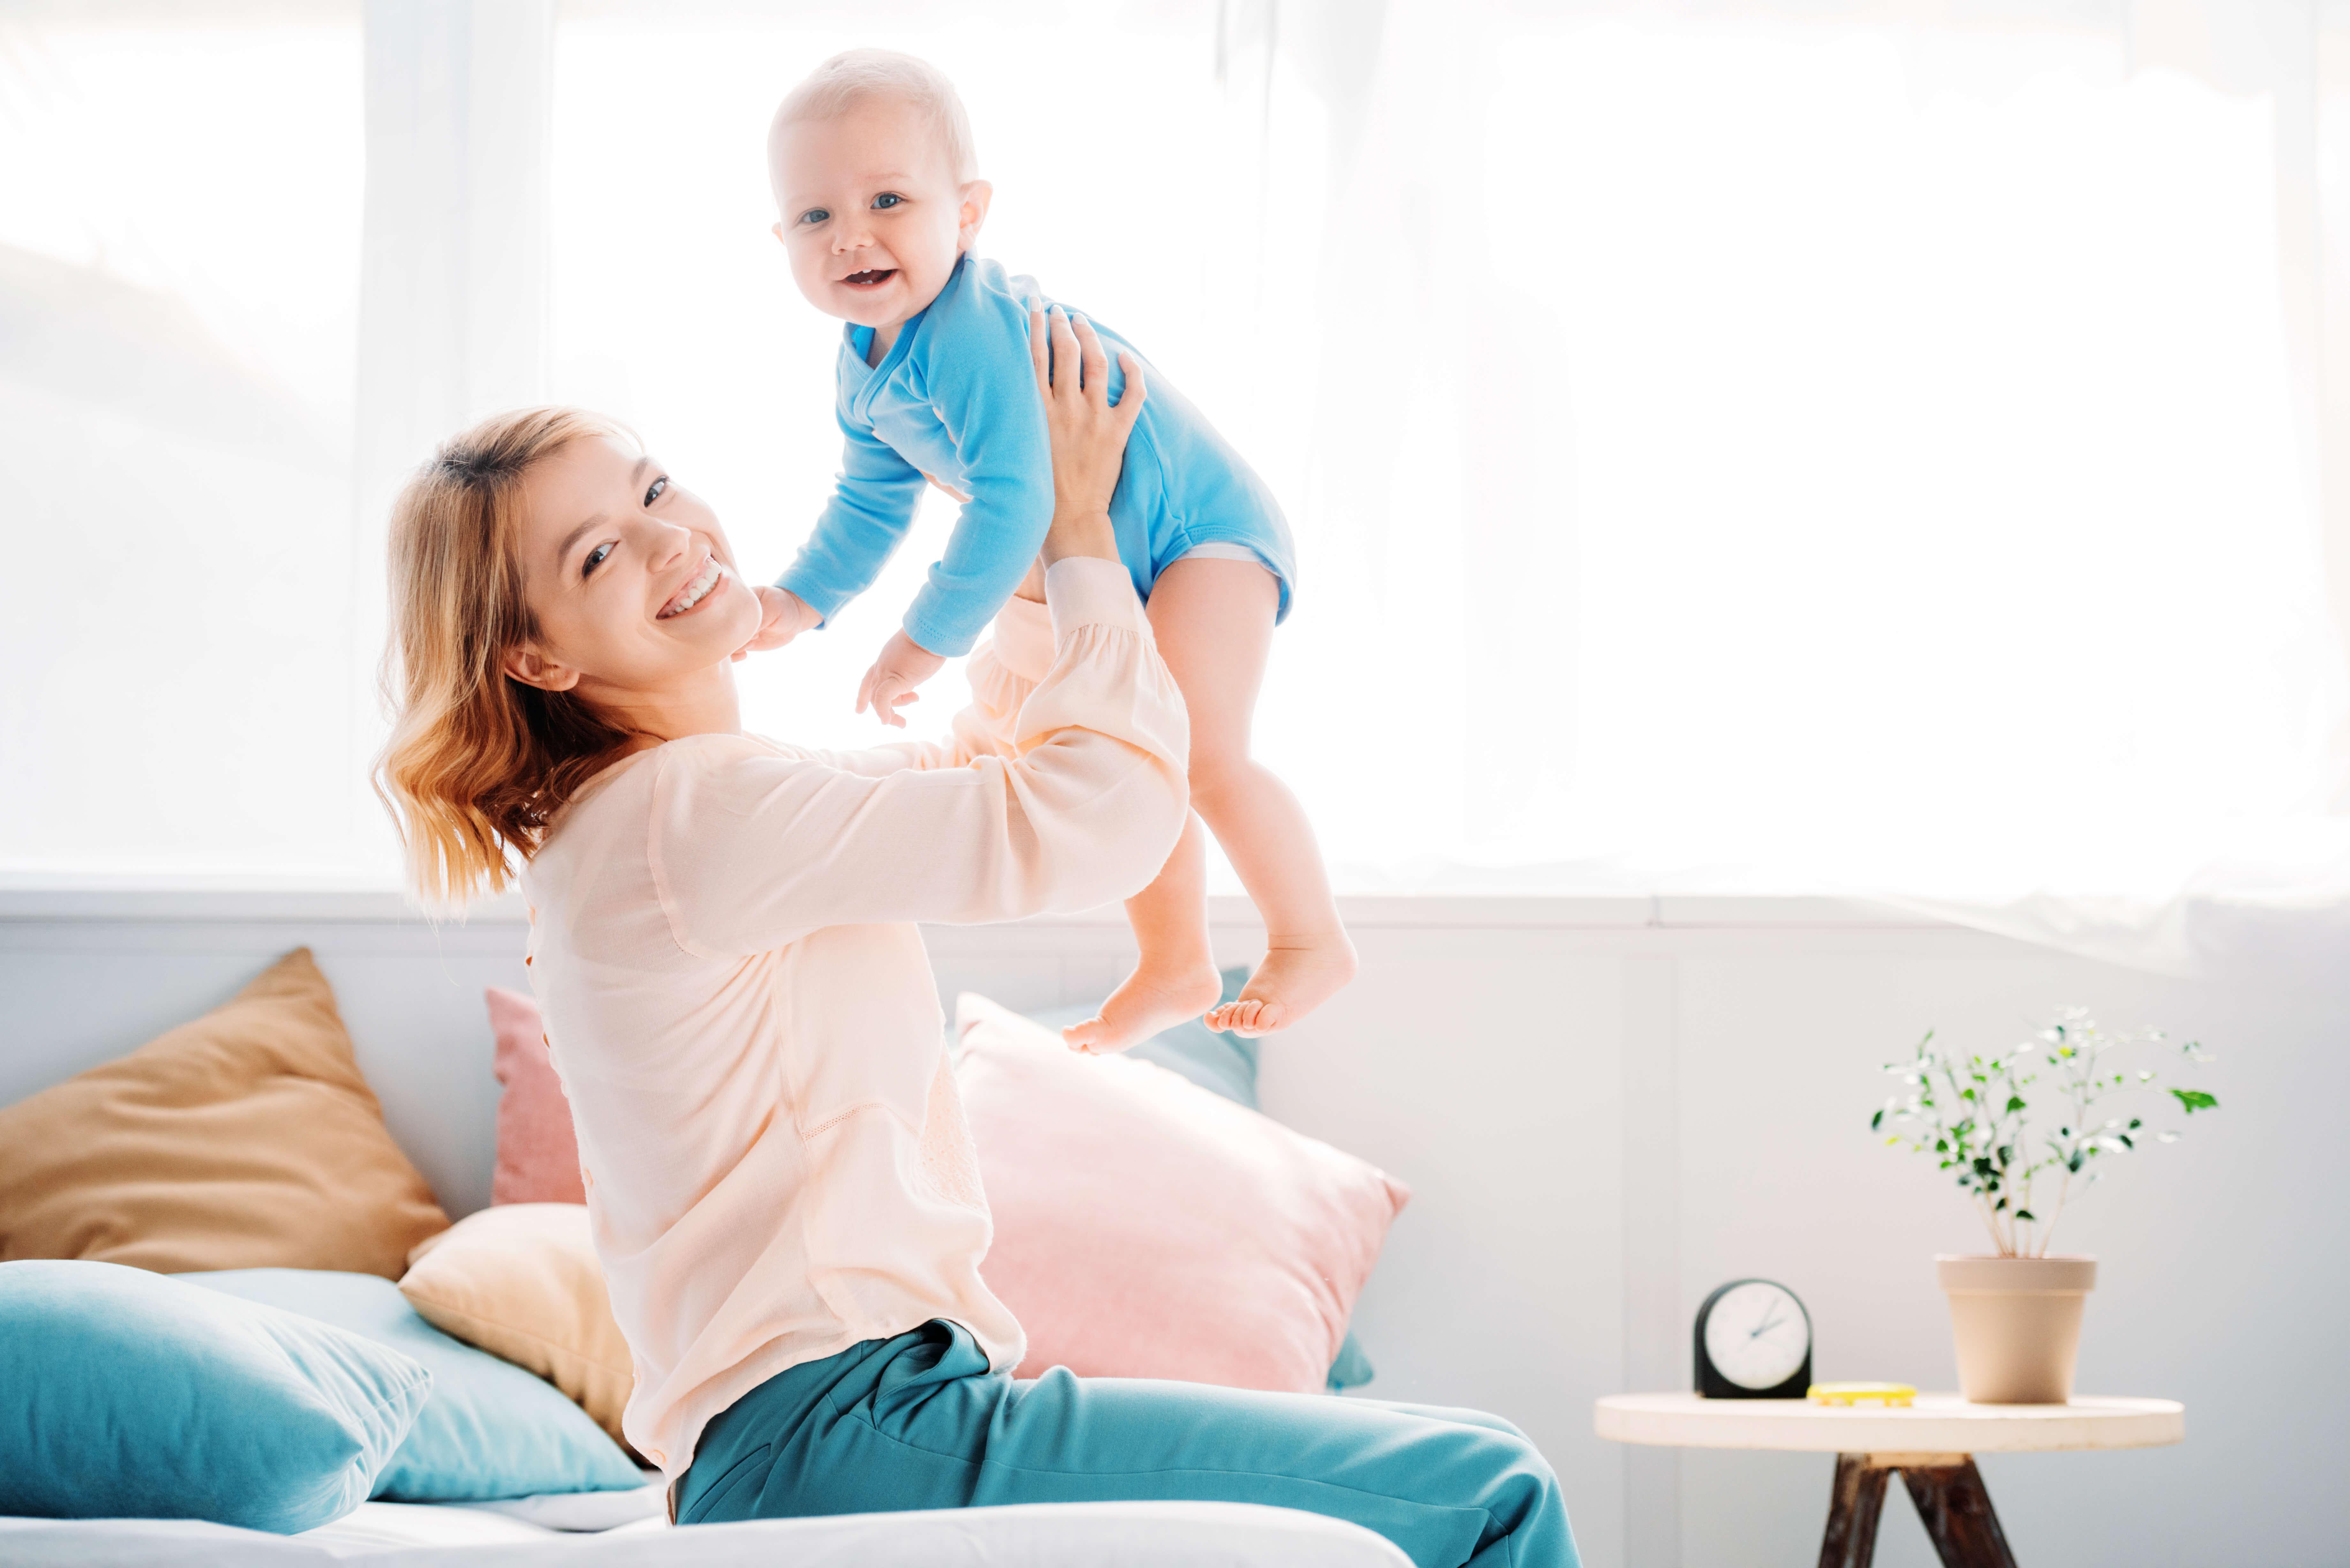 优质泰国试管婴儿费用贵不贵?夫妻要注意什么问题?